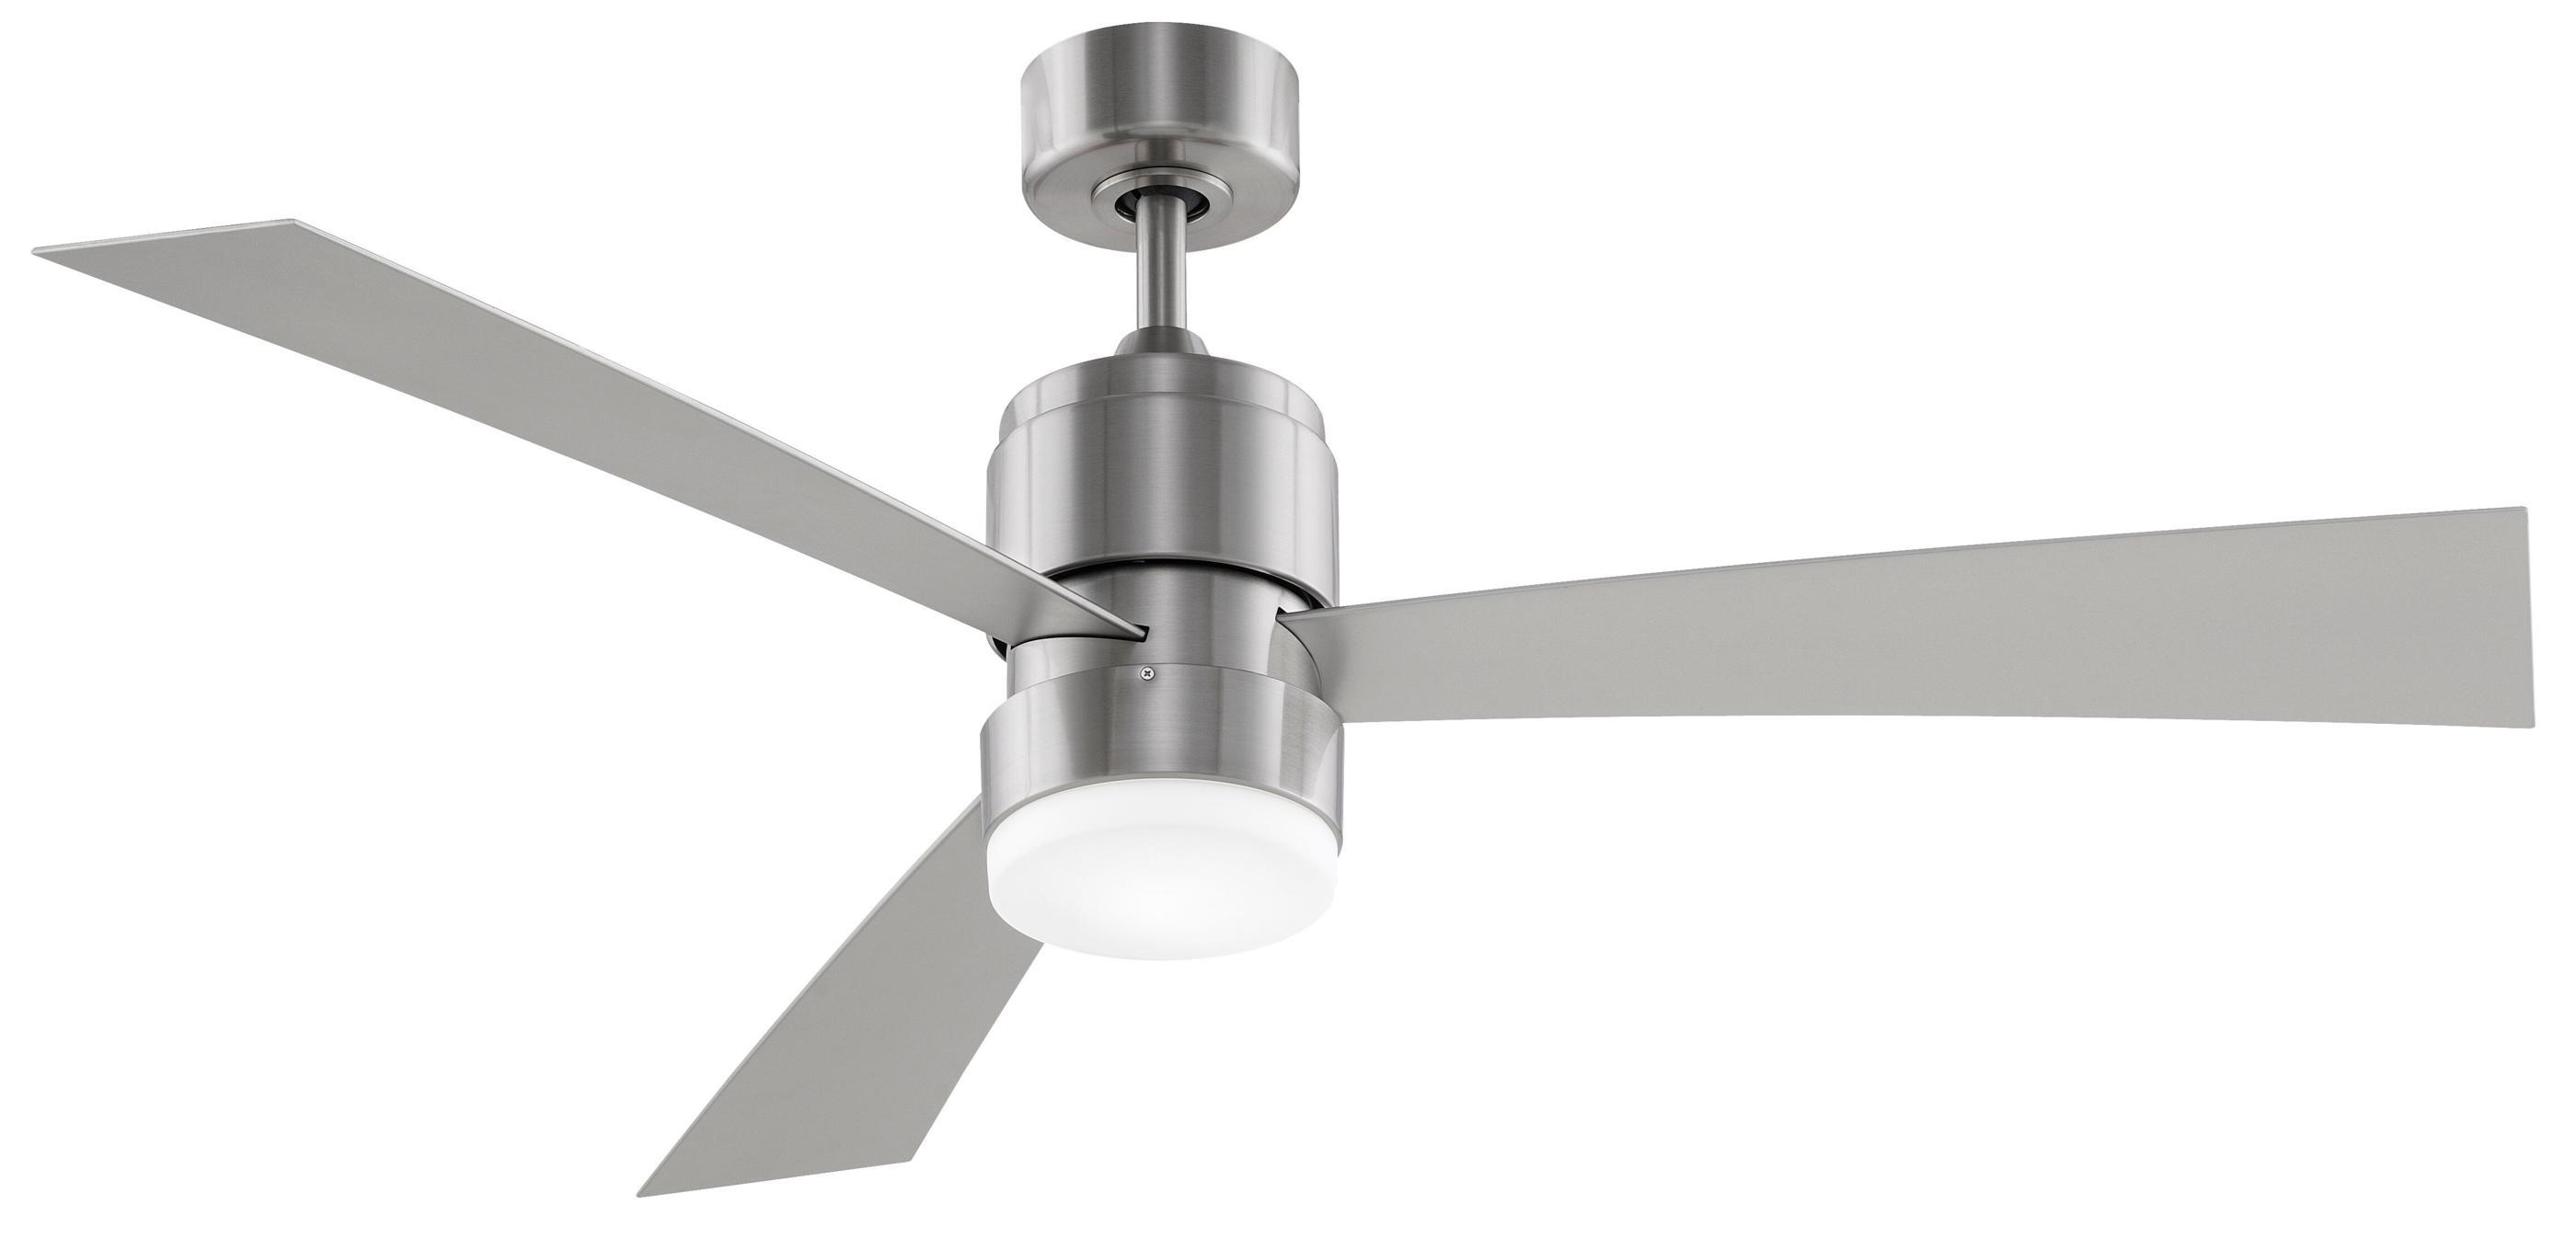 zonix ceiling fan photo - 6